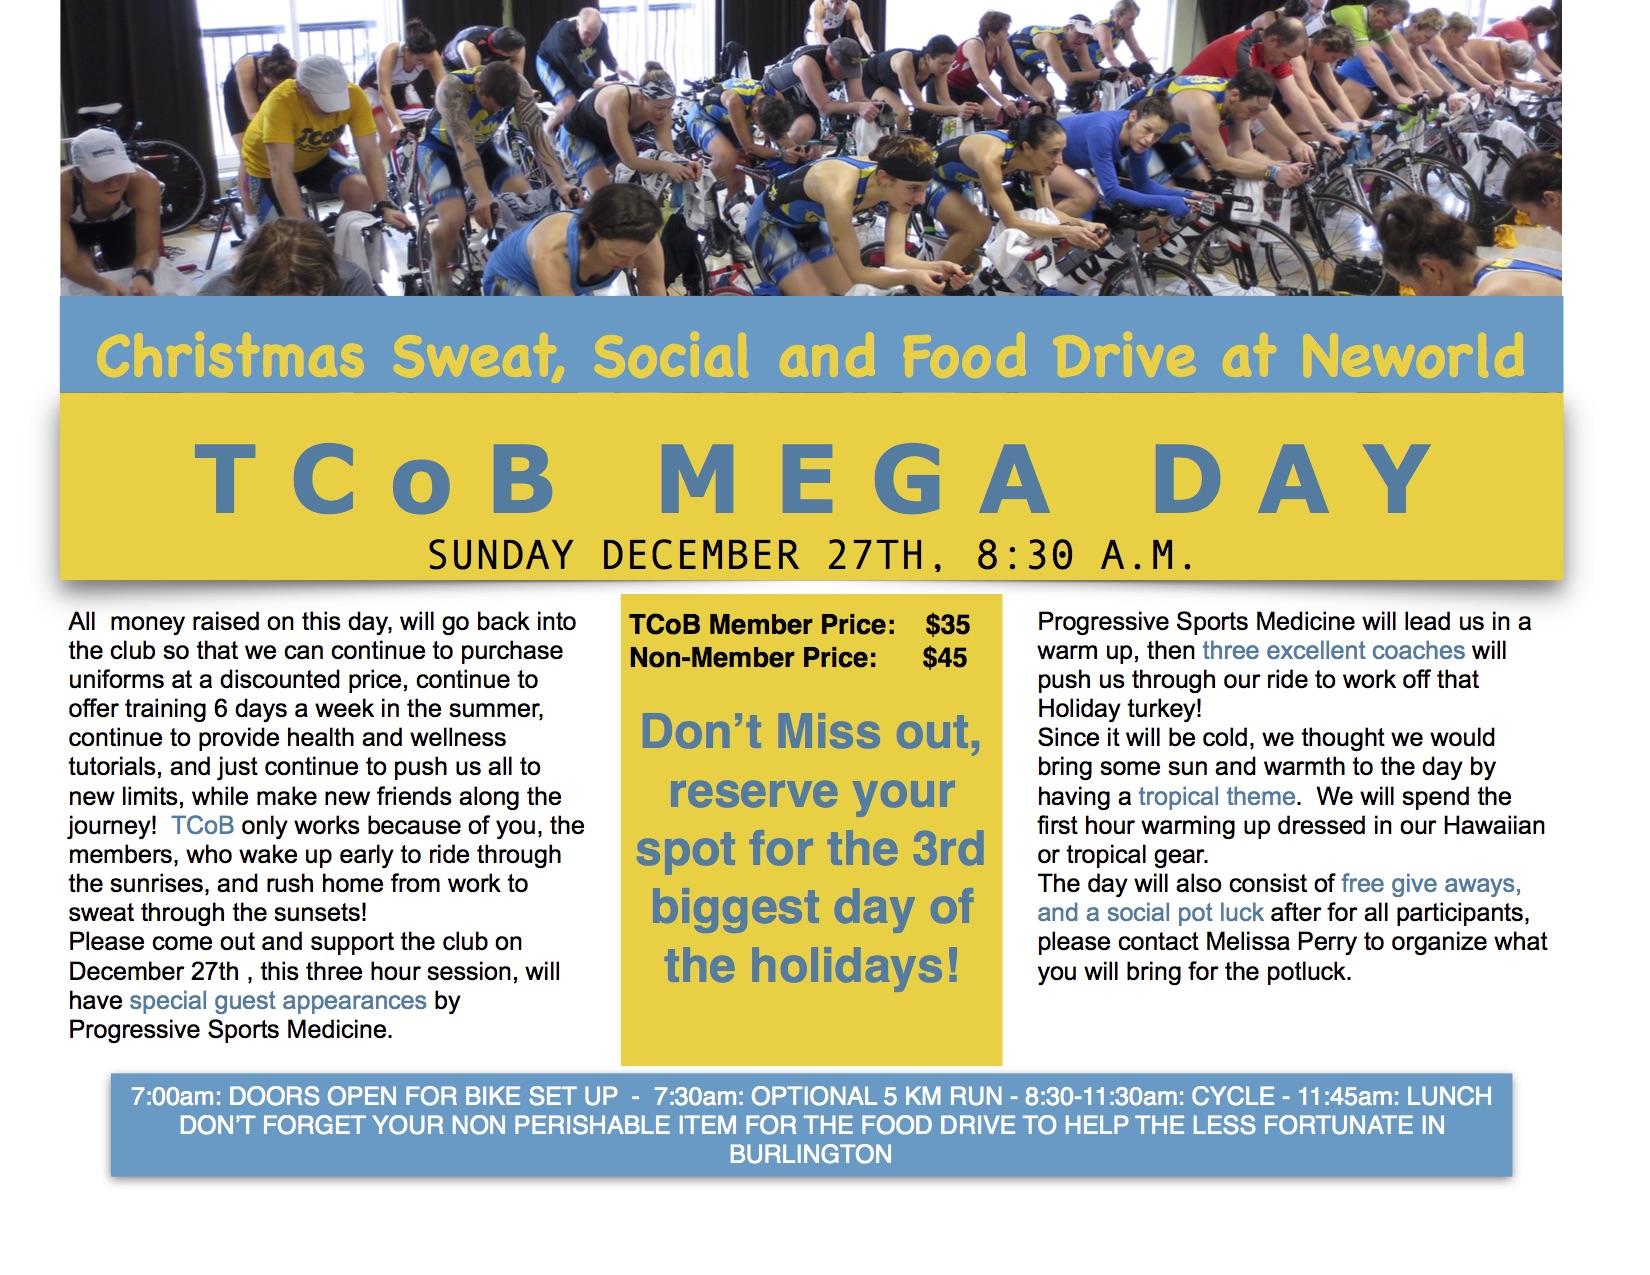 TCoB Mega Day 2015